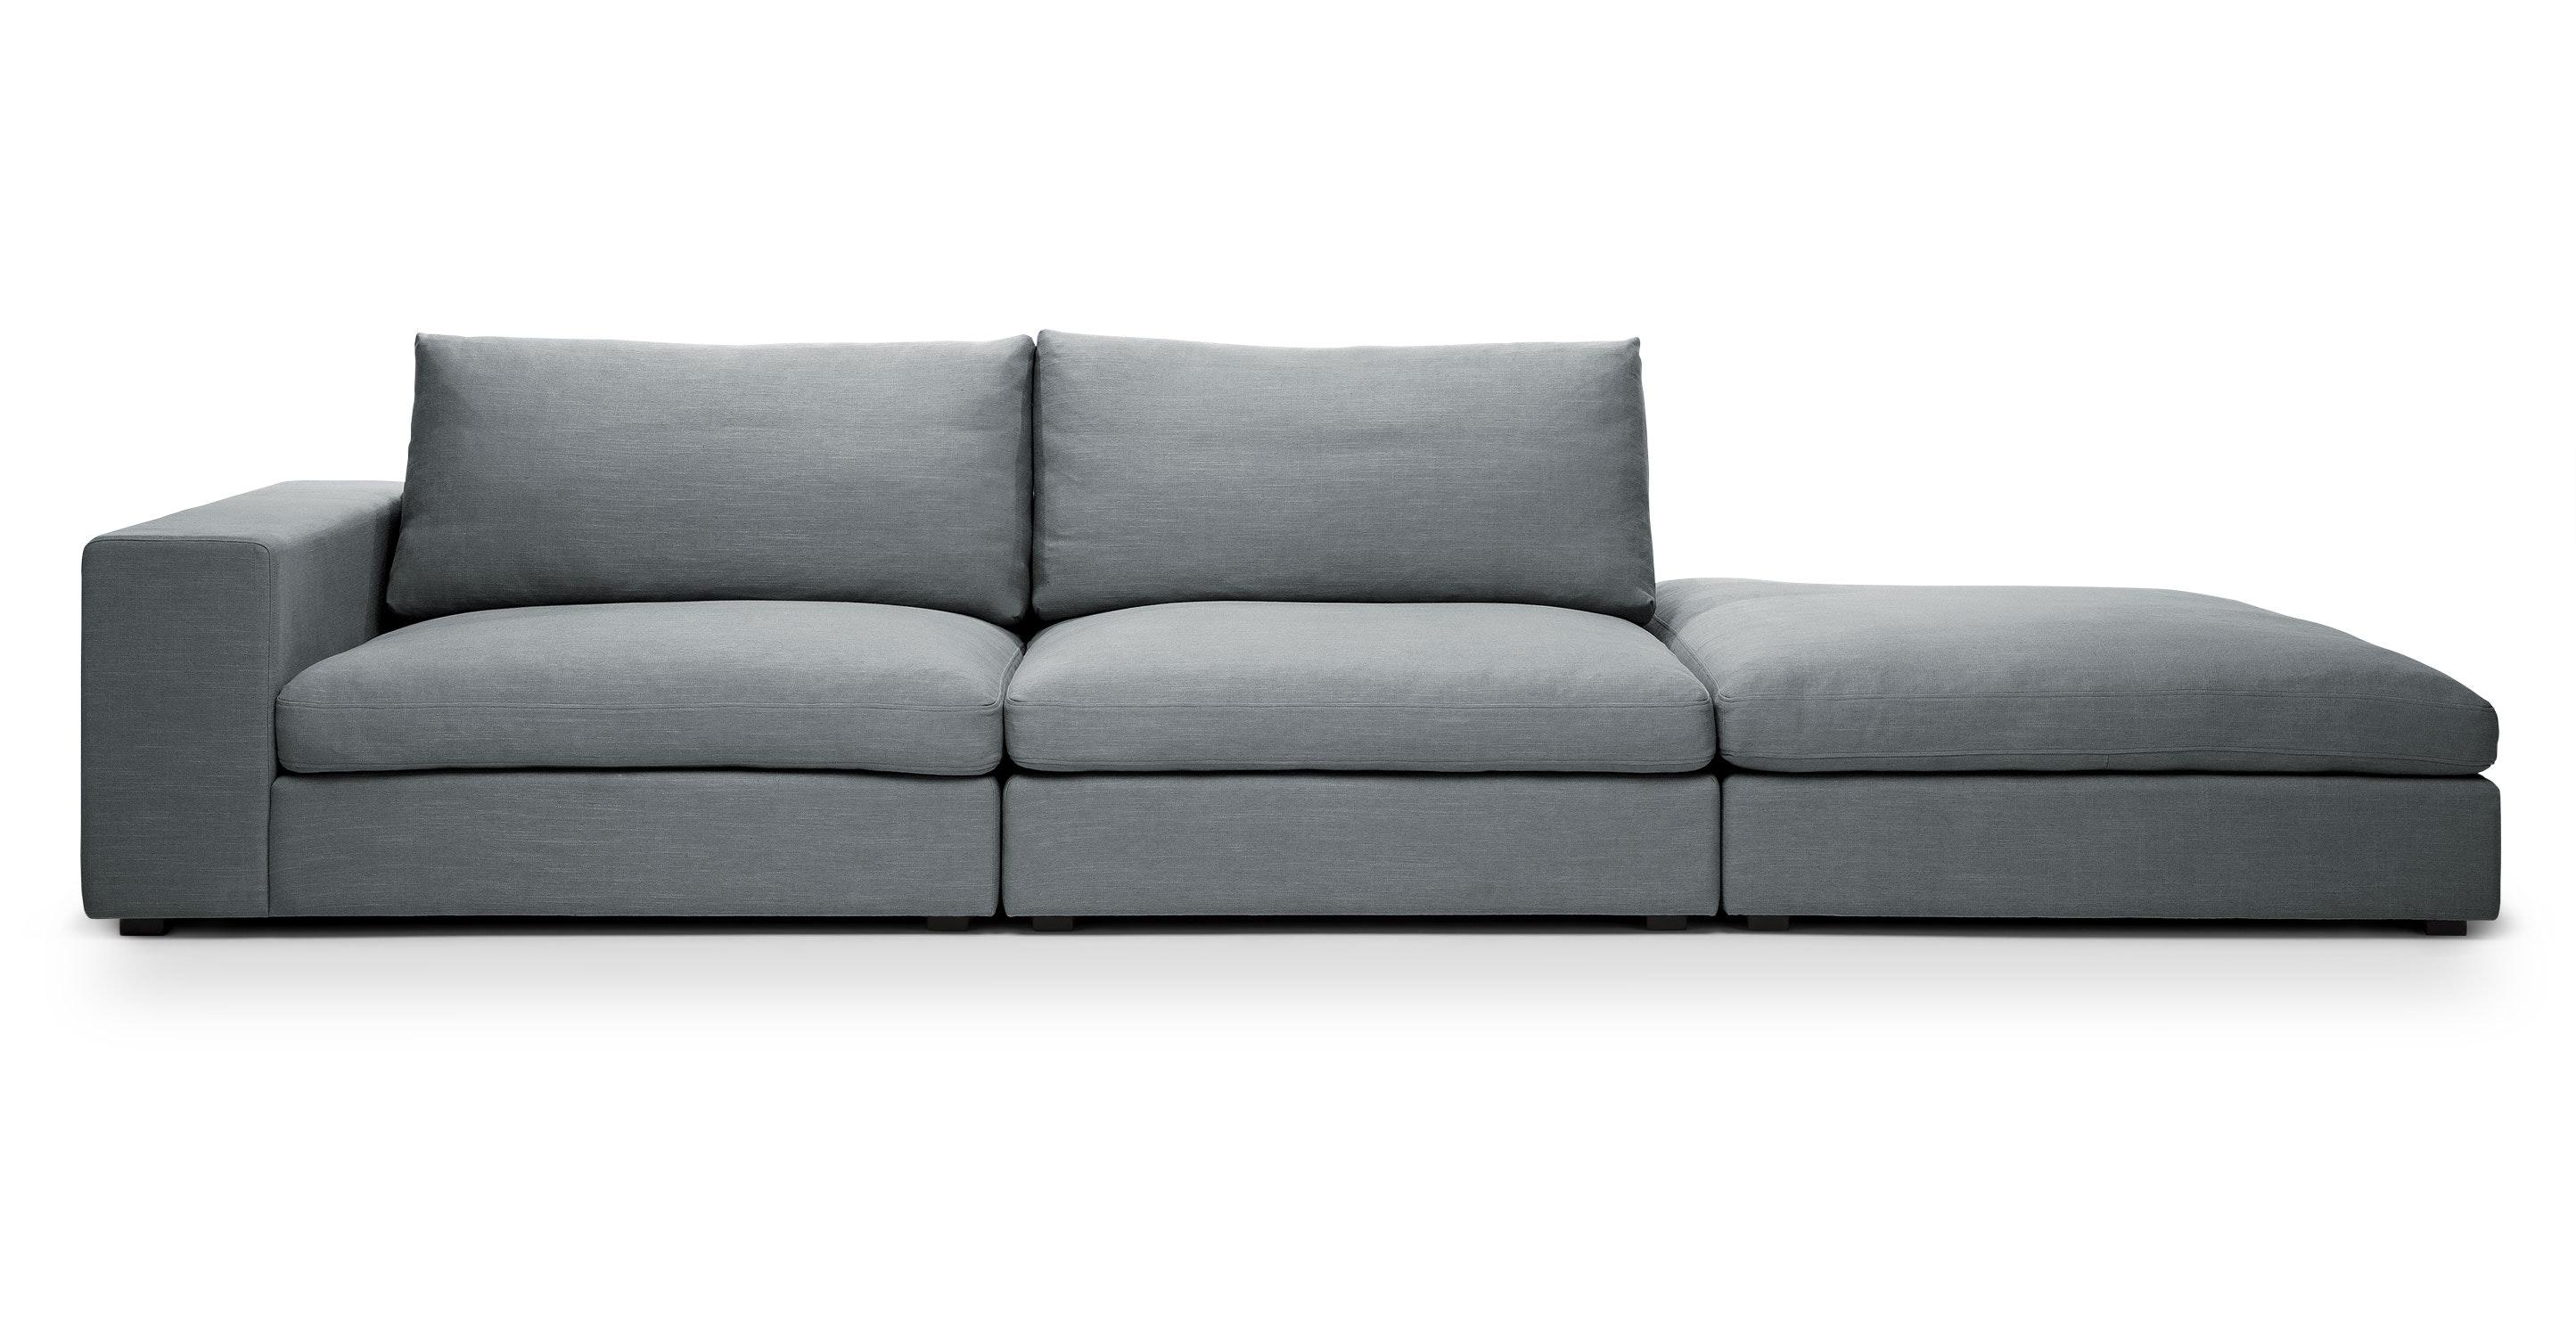 Cube Quartz White Modular Sofa Left Arm Sofas Article